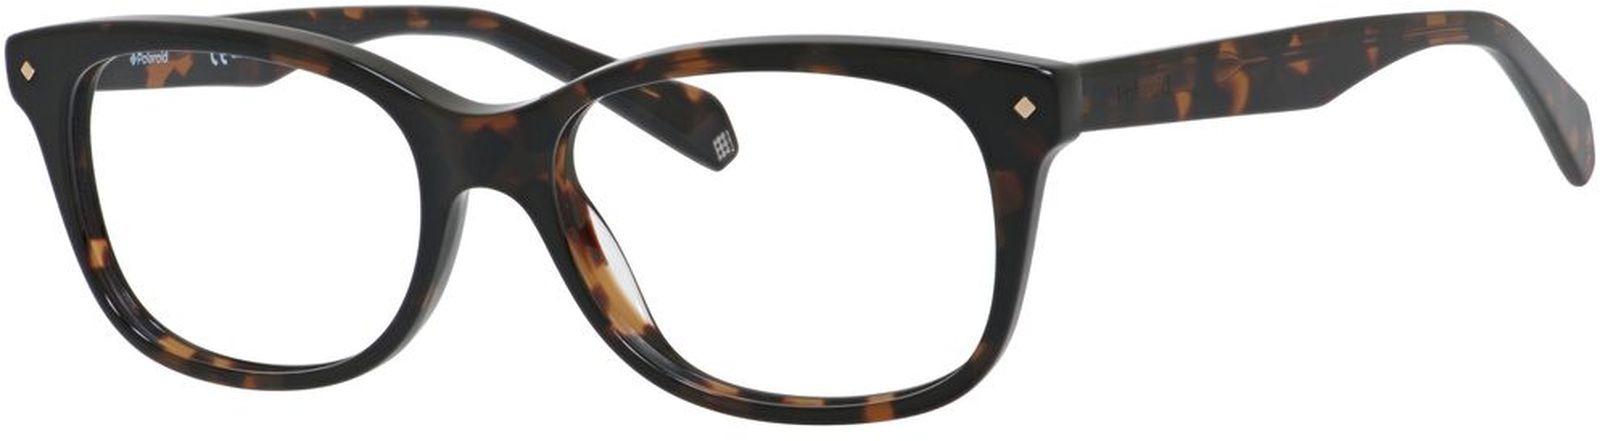 Оправа для очков женская Polaroid D321 , PLD-1003400865116, коричневый polaroid pld d203 dl5